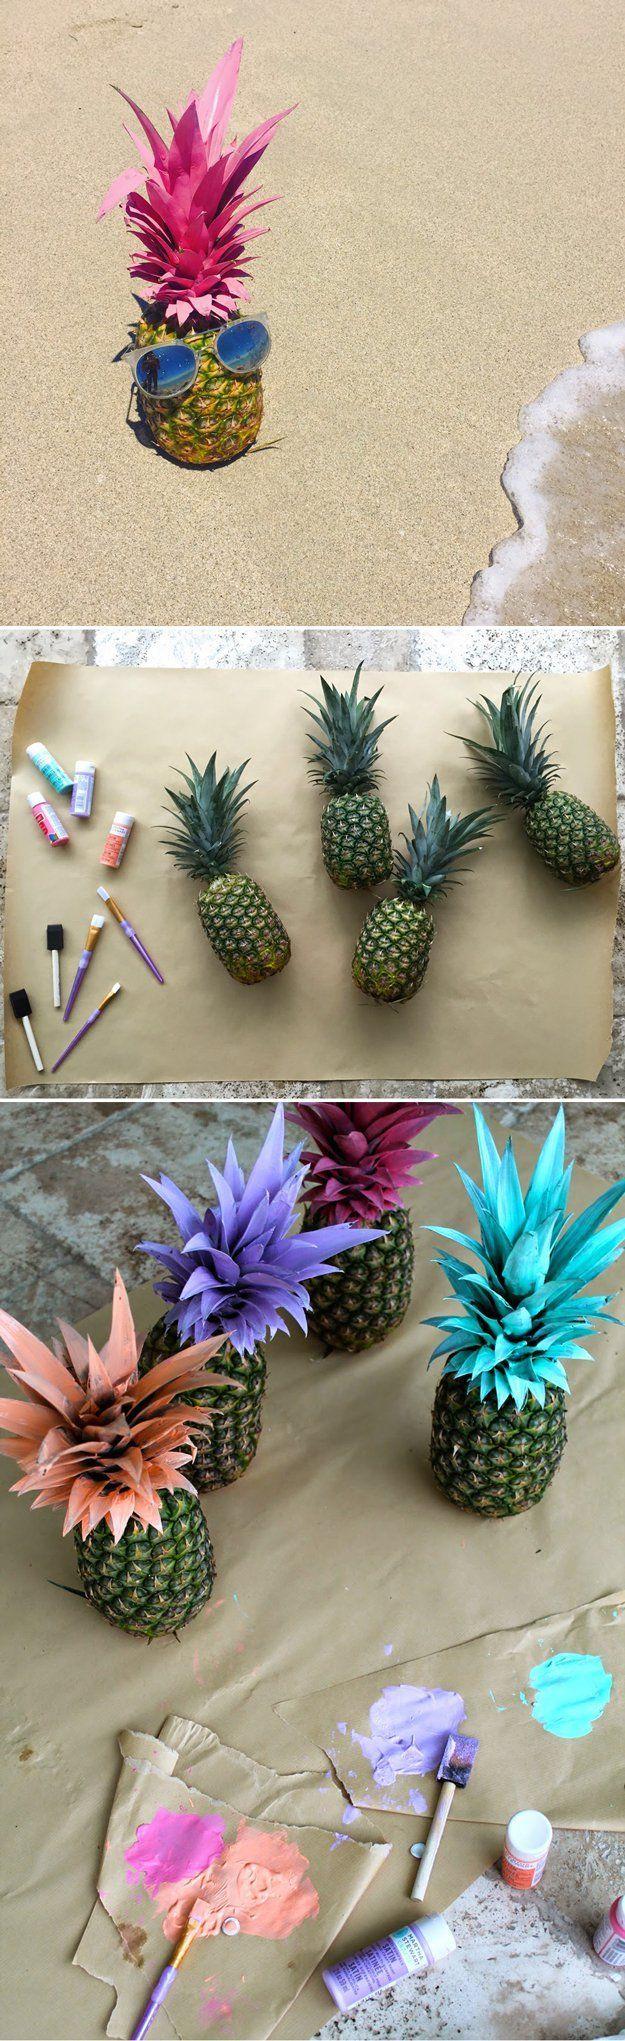 Beach wedding decorations diy  DIY Beach Party Ideas For Your BeachThemed Celebration  Wedding